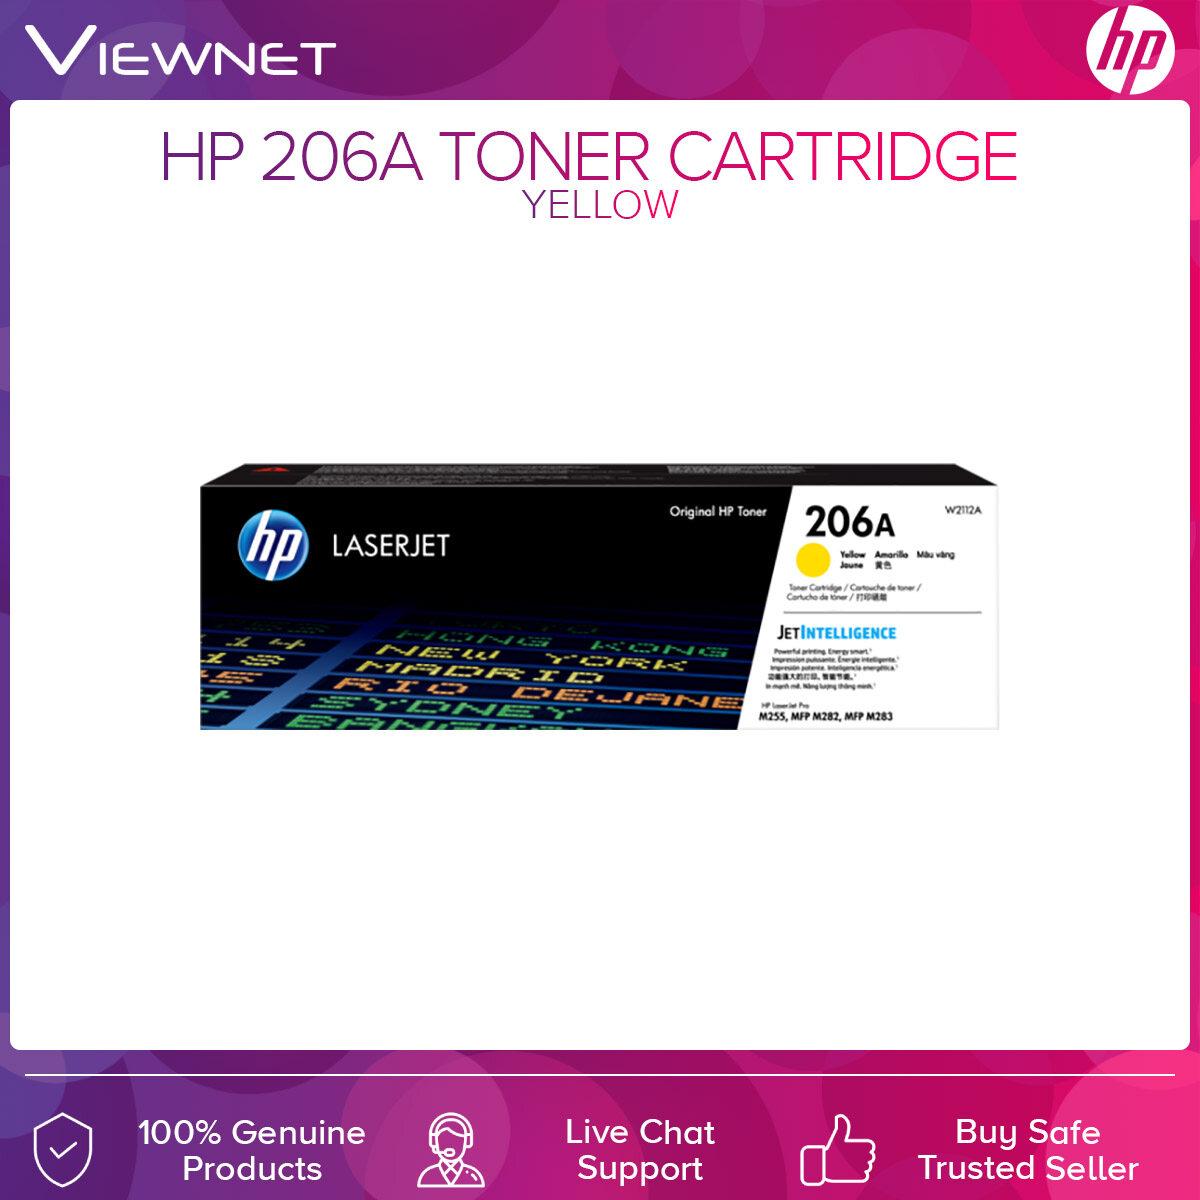 HP 206A Original LaserJet Toner Cartridge Cyan Magenta Yellow Black W2110A W2111A W2112A W2113A